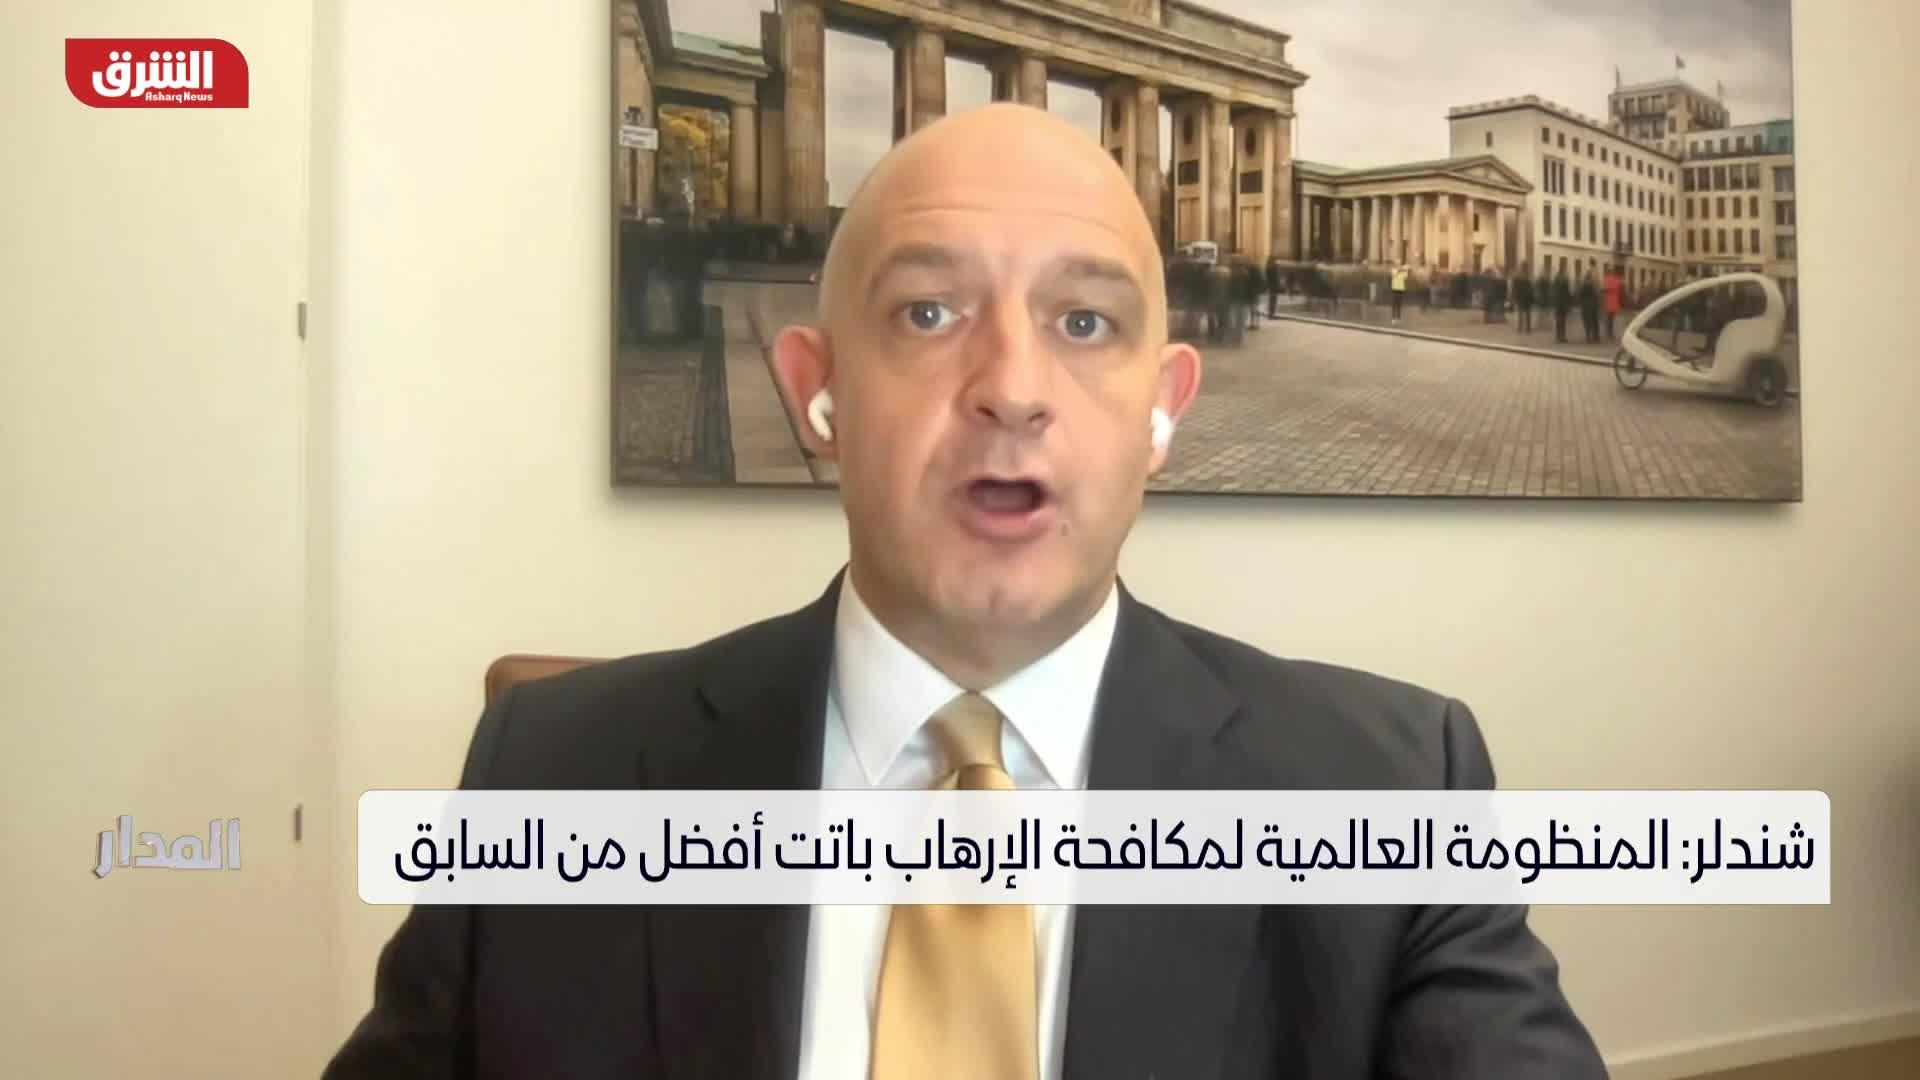 شندلر: لا أتوقع تكرار هجمات مثل 11 سبتمبر